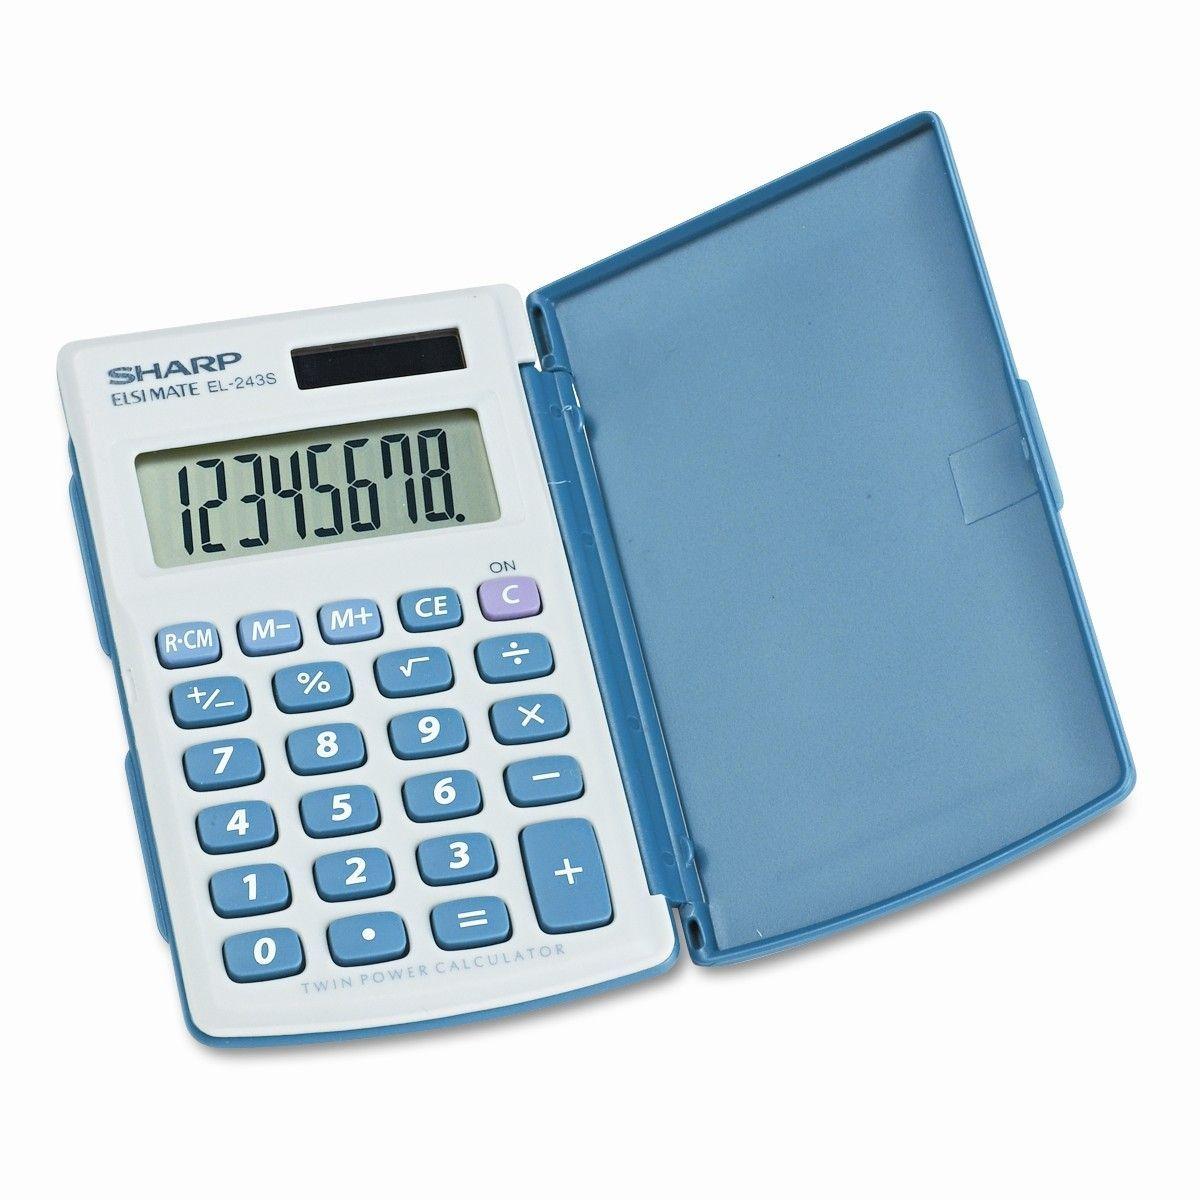 EL243SB Basic Calculator, EightDigit LCD Products